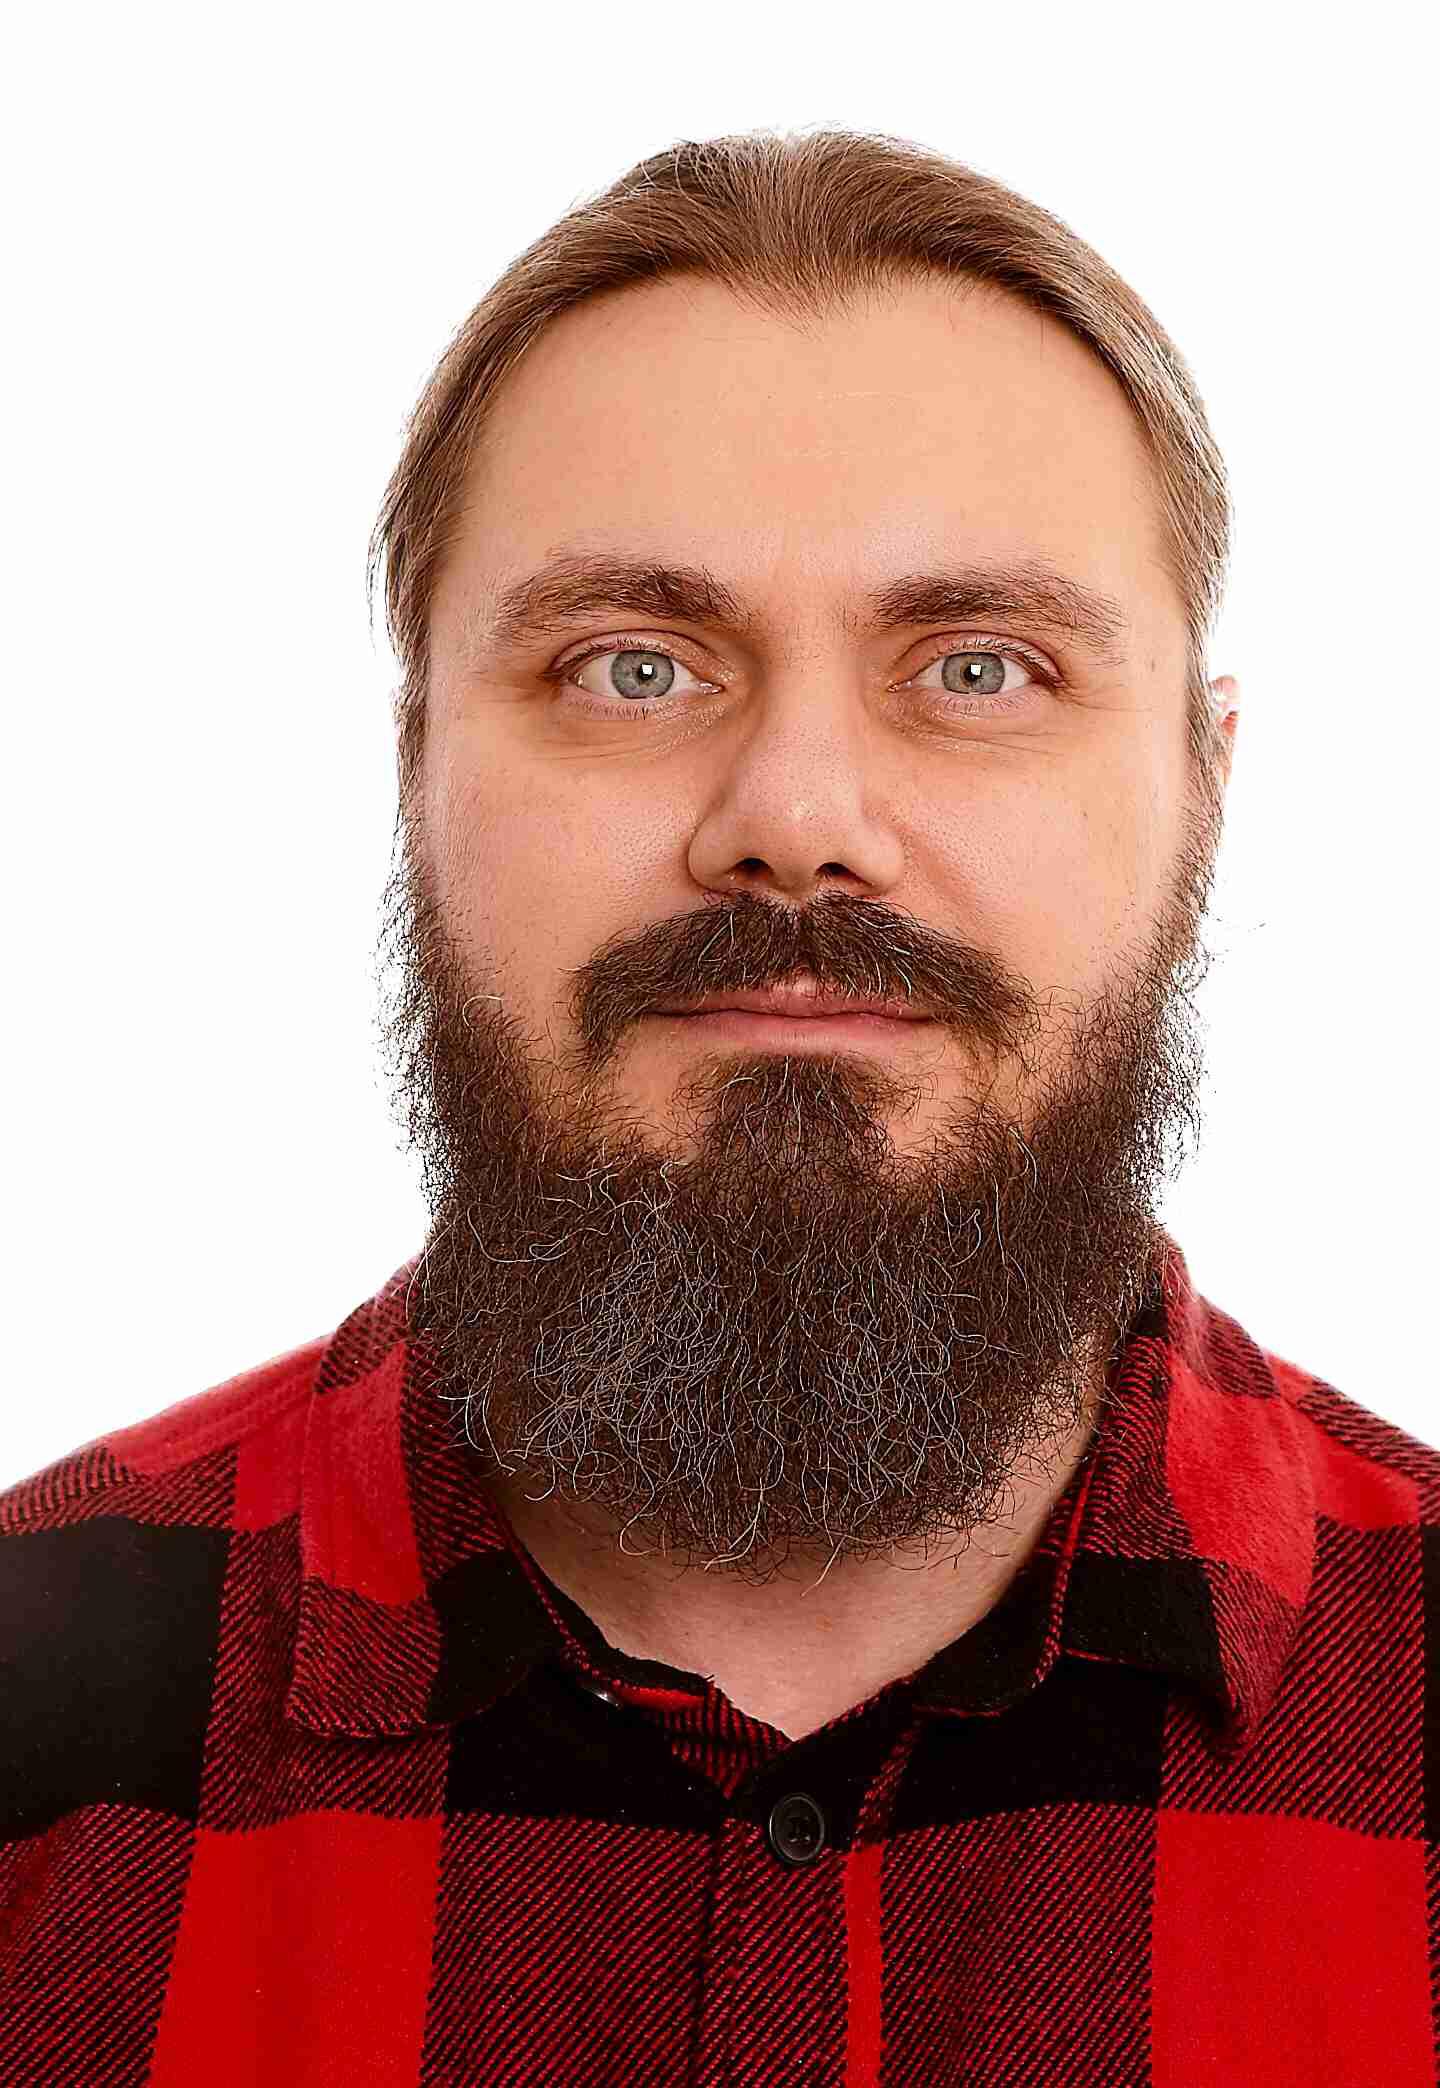 Mann mitn Bart im rot-schwarz-kariertem Hemd